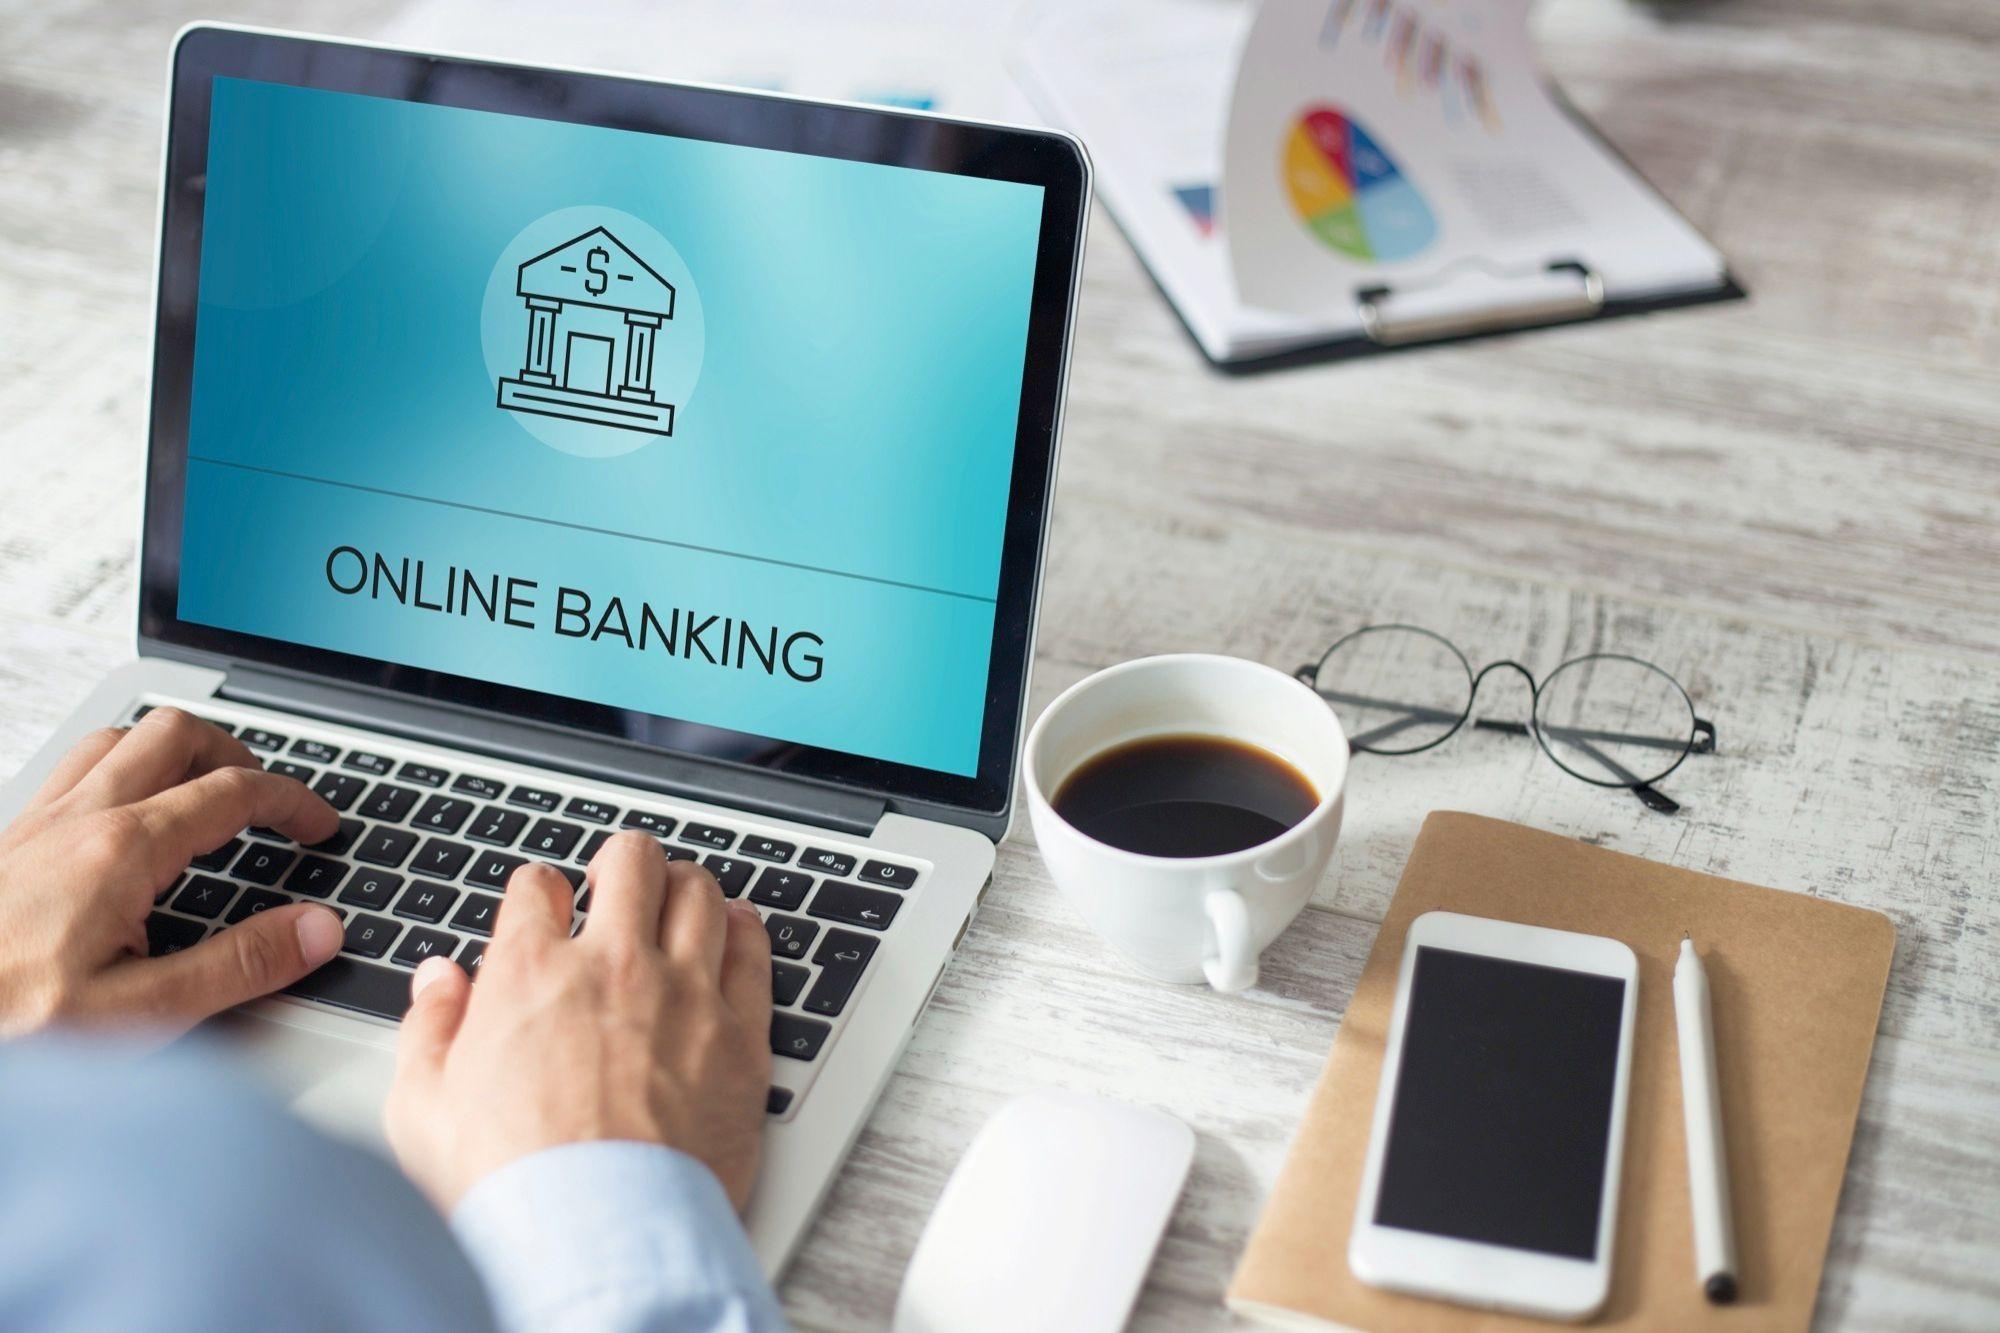 choix de la banque en ligne qui vous convient